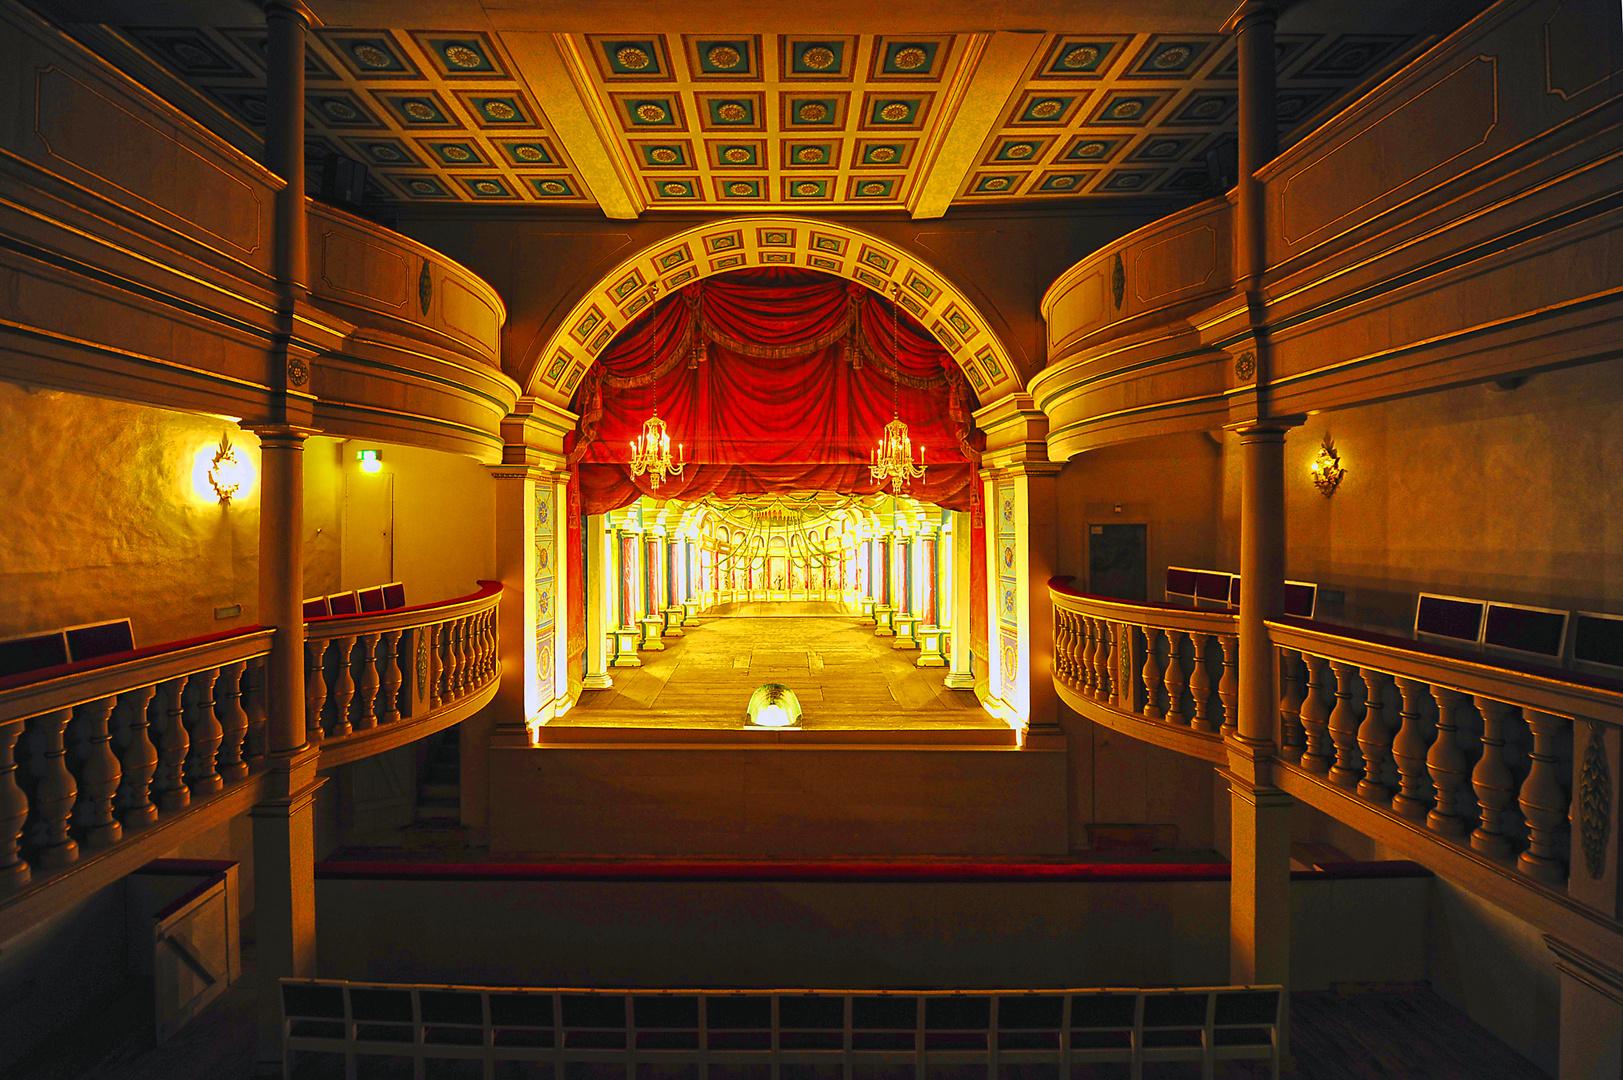 Eckhoftheater